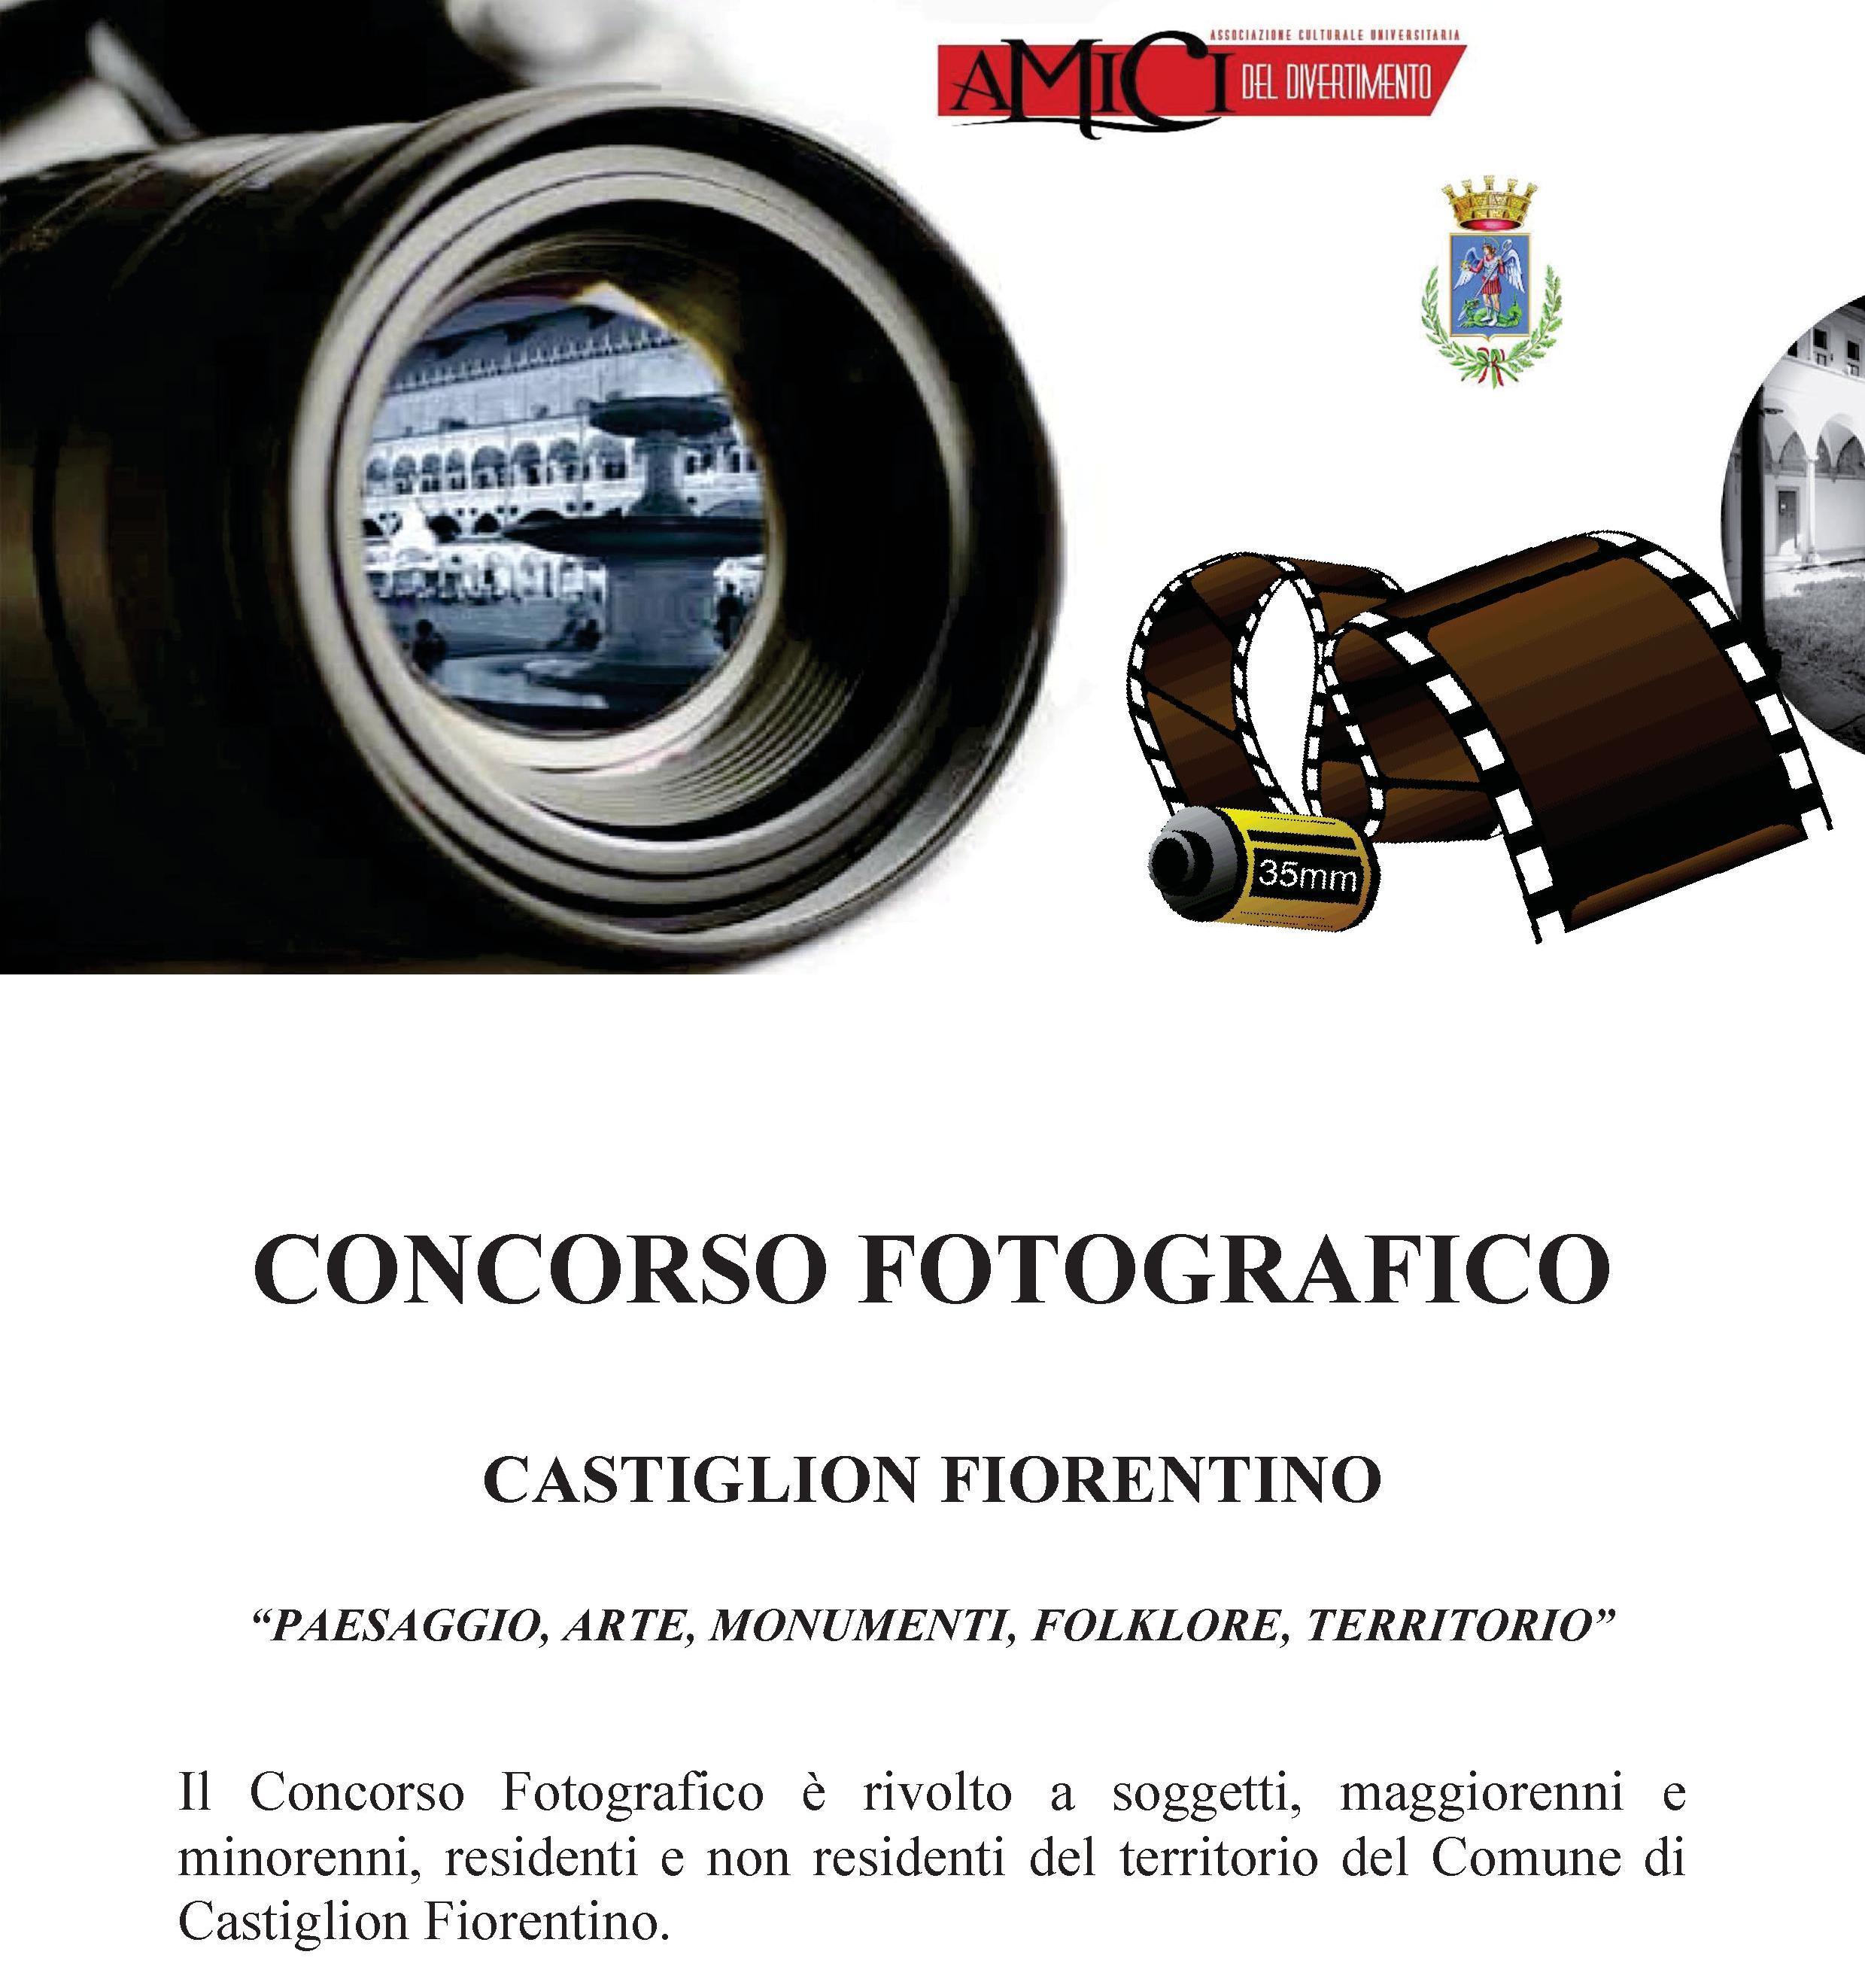 Prorogato al 31 Ottobre il concorso fotografico